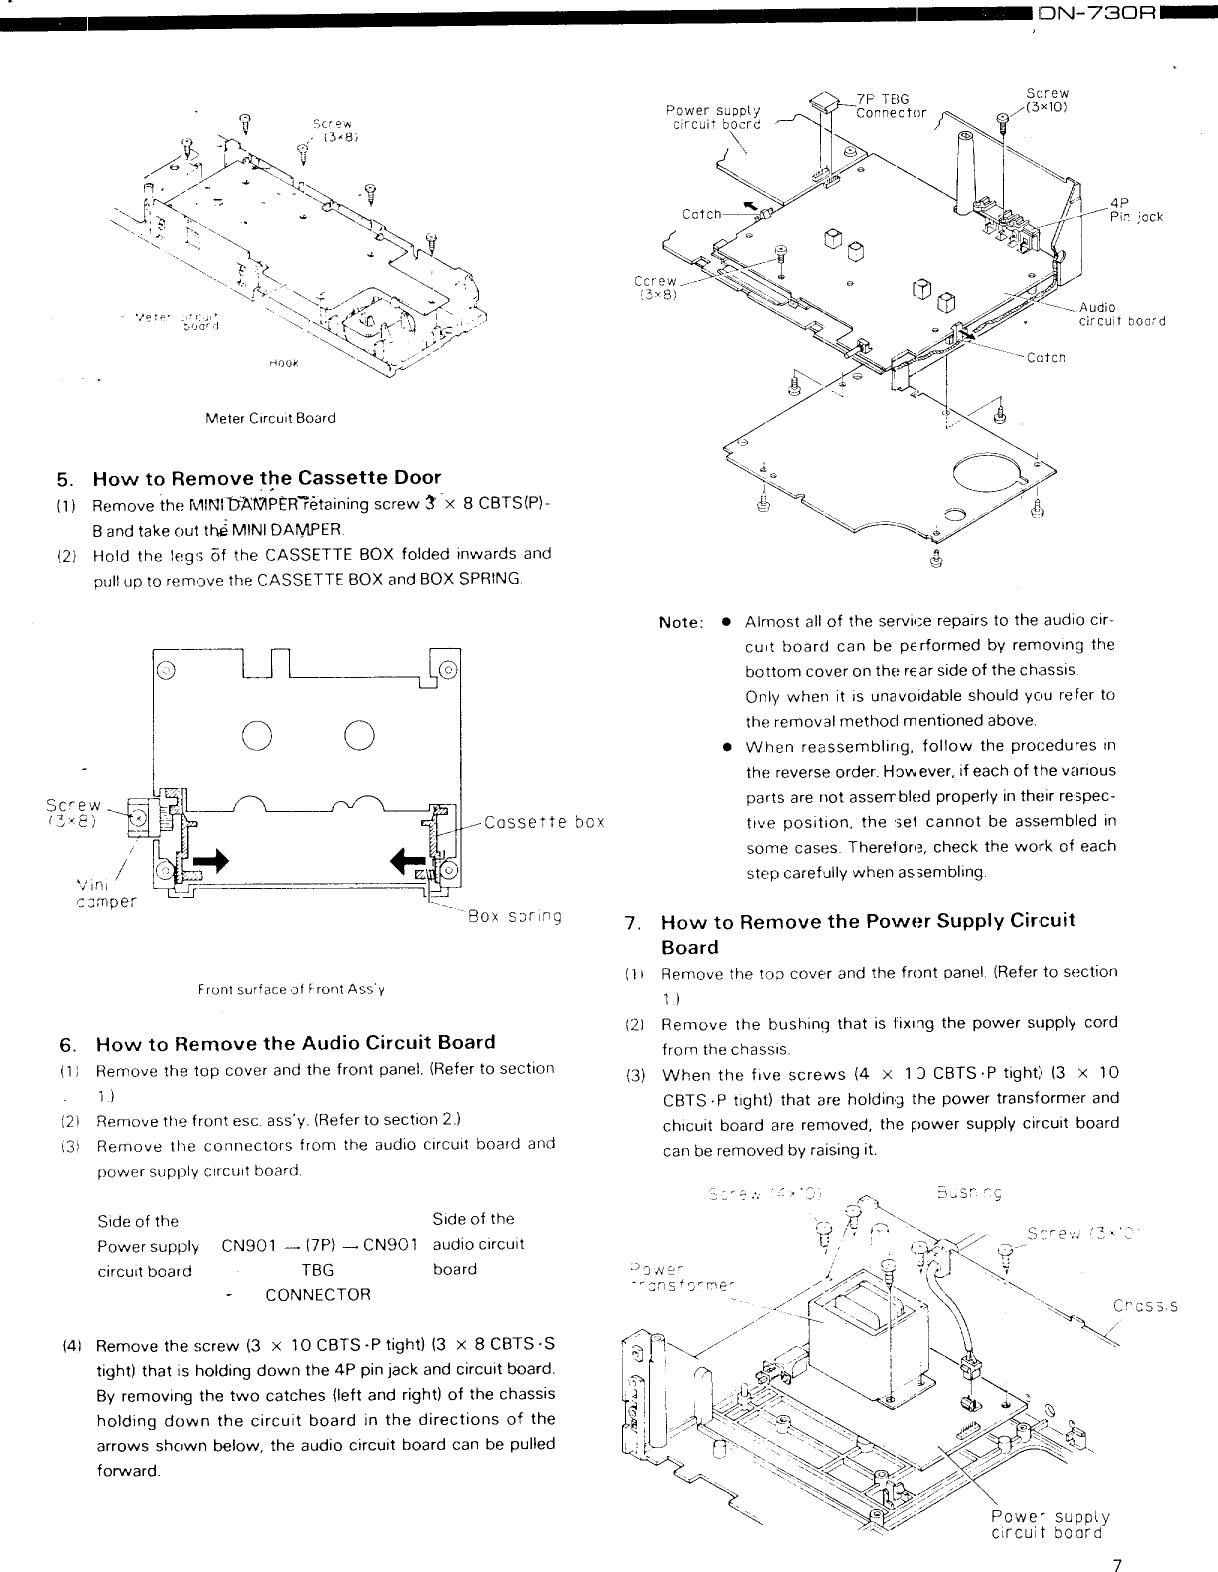 Denon Dn 730R Users Manual